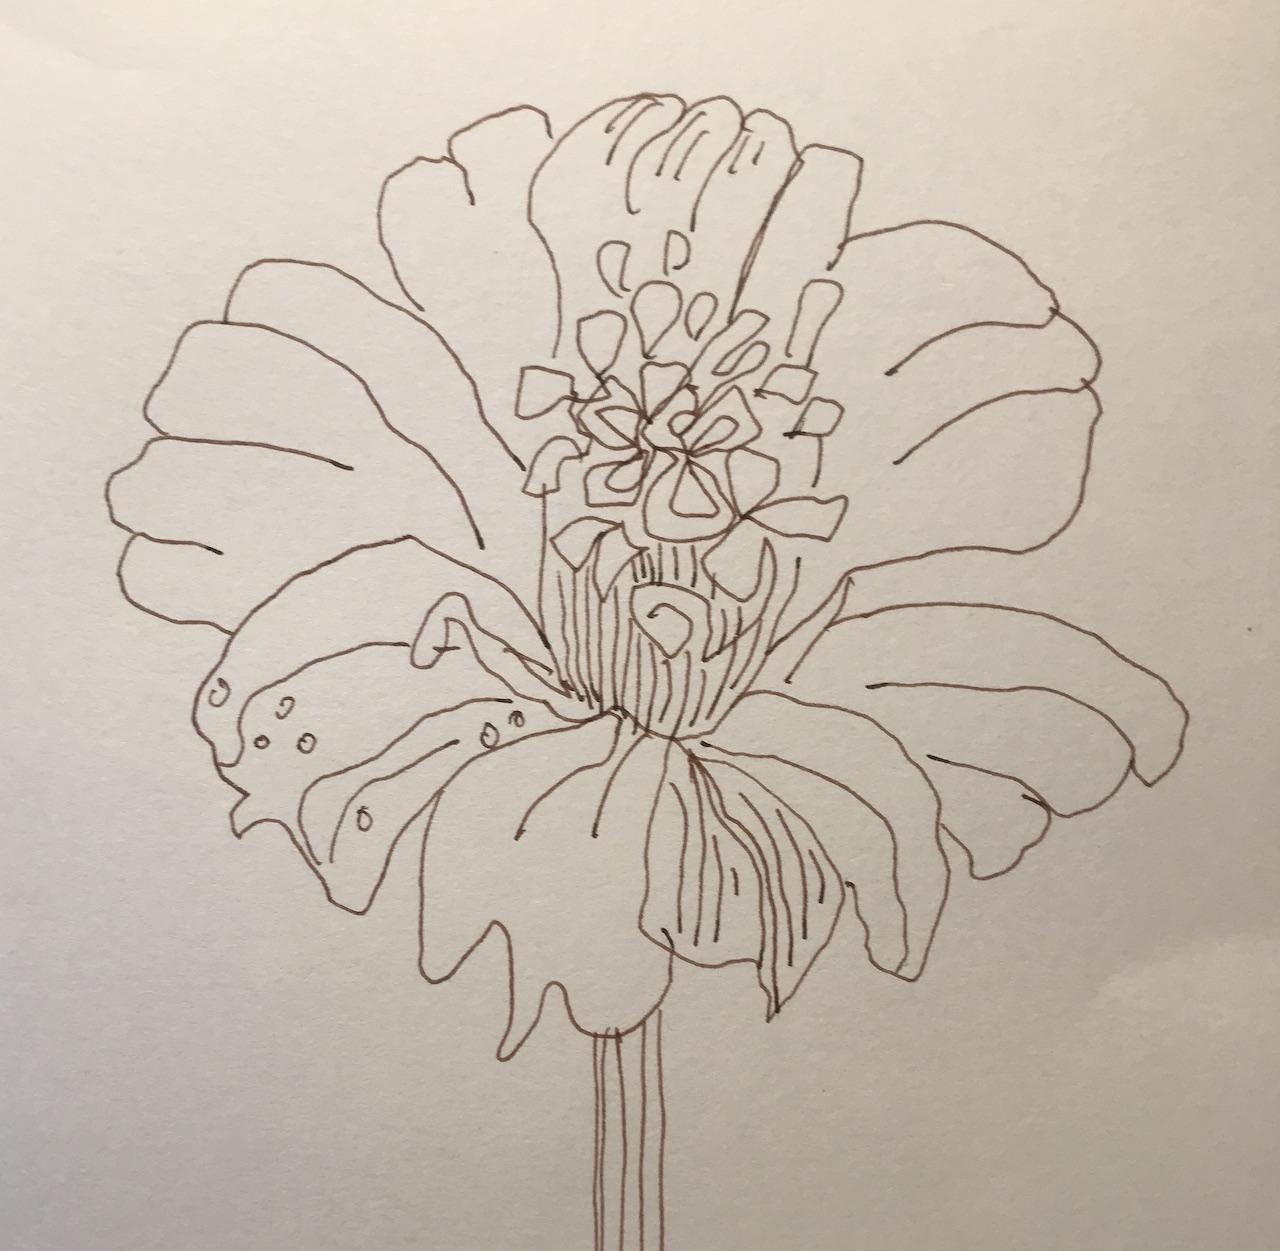 Schokoladenblume, Aus dem Skizzenbuch von Susanne Haun (c) VG Bild-Kunst, Bonn 2021